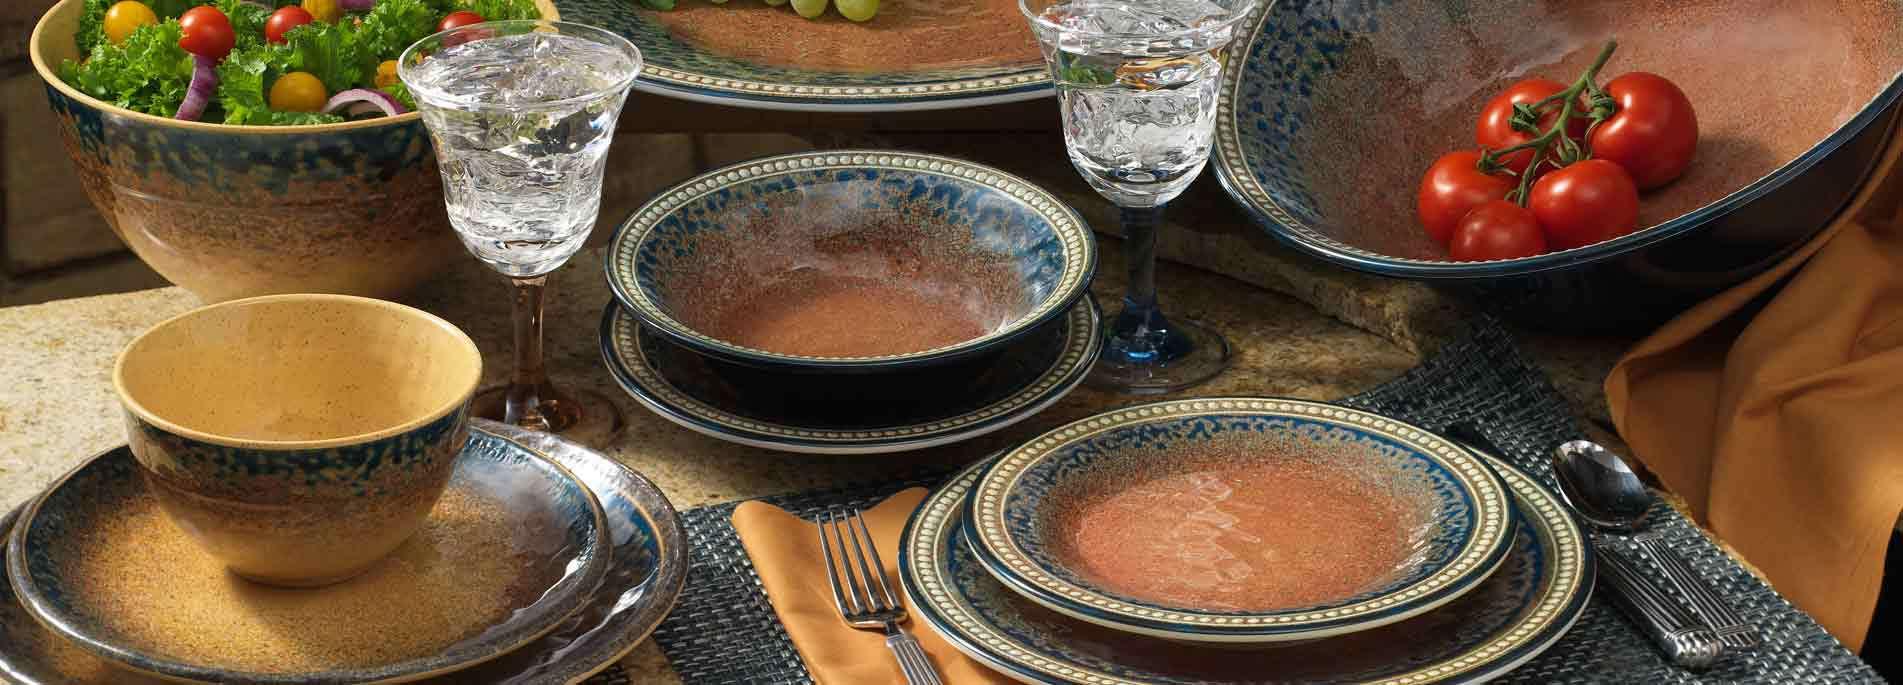 Merritt Tableware